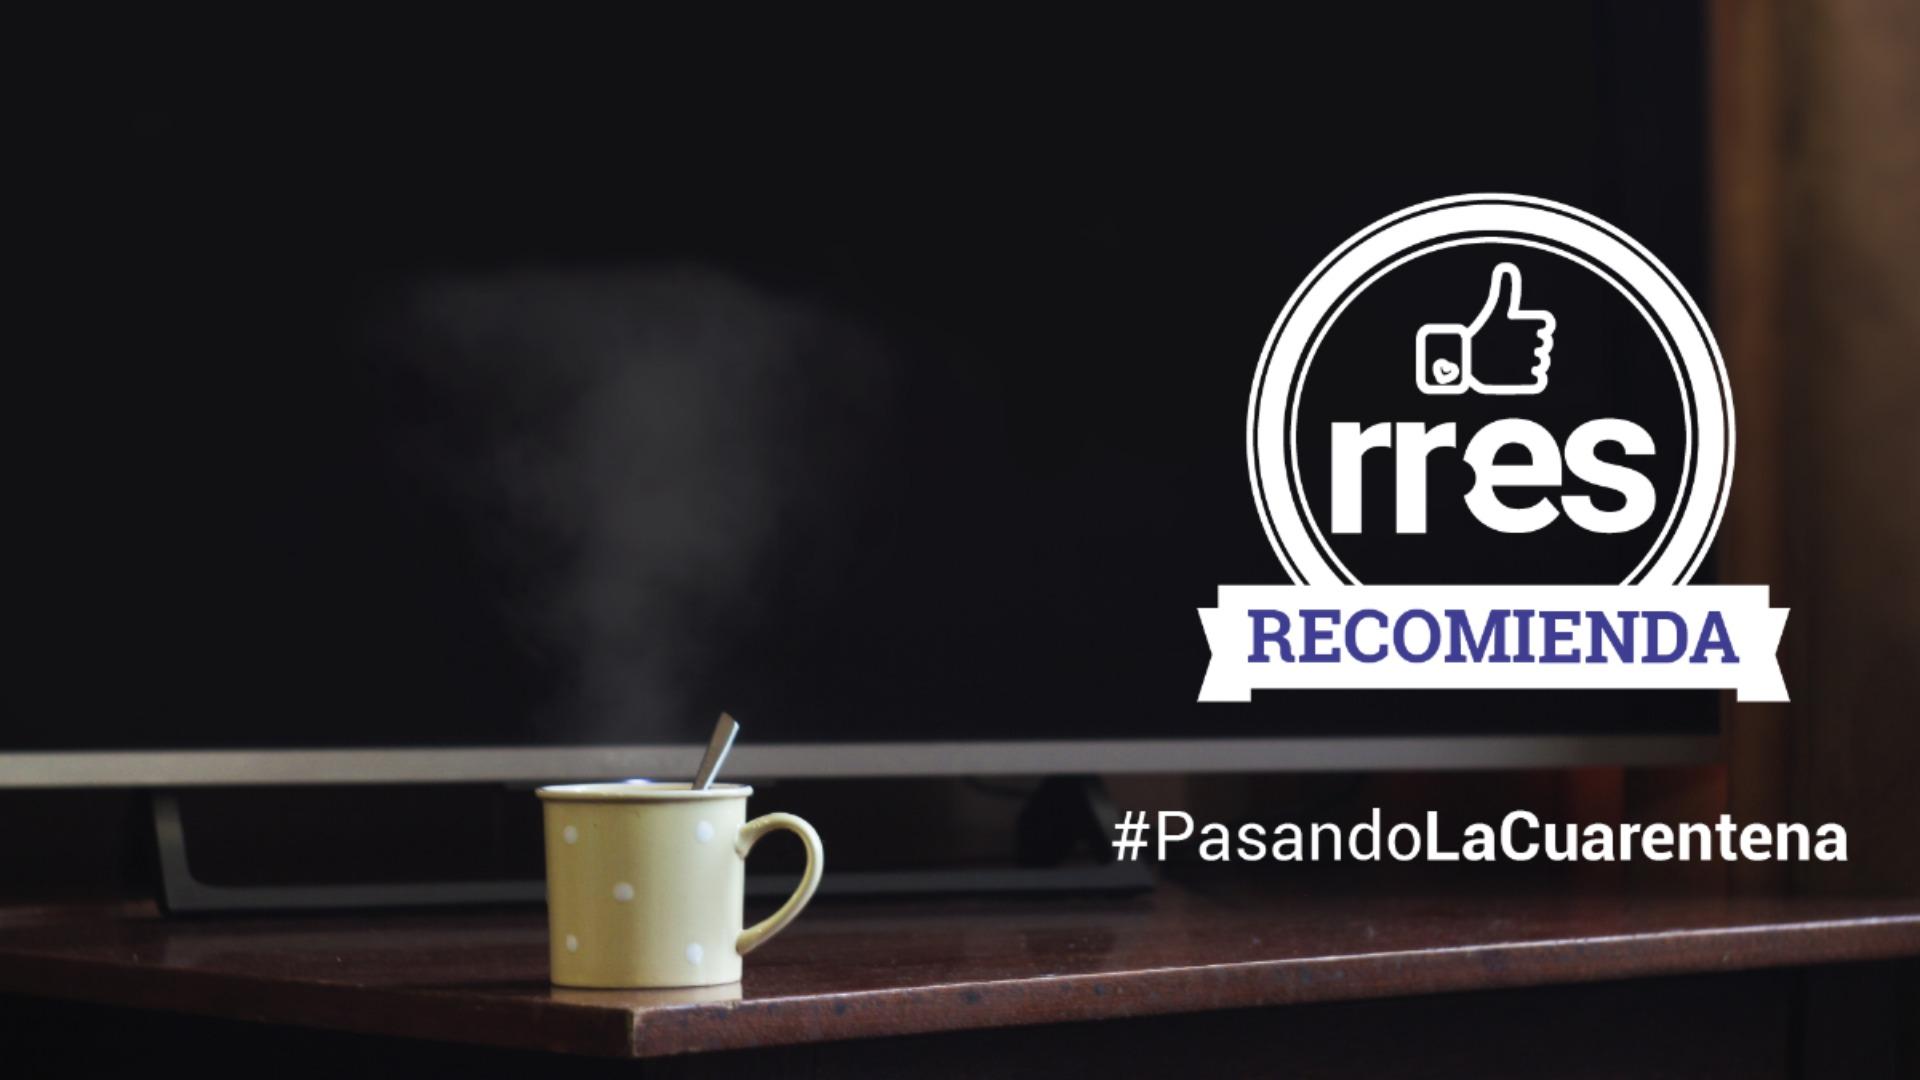 #PasandoLaCuarentena | ¿Dónde encontrar series y películas para pasar los días en casa? #25Mar